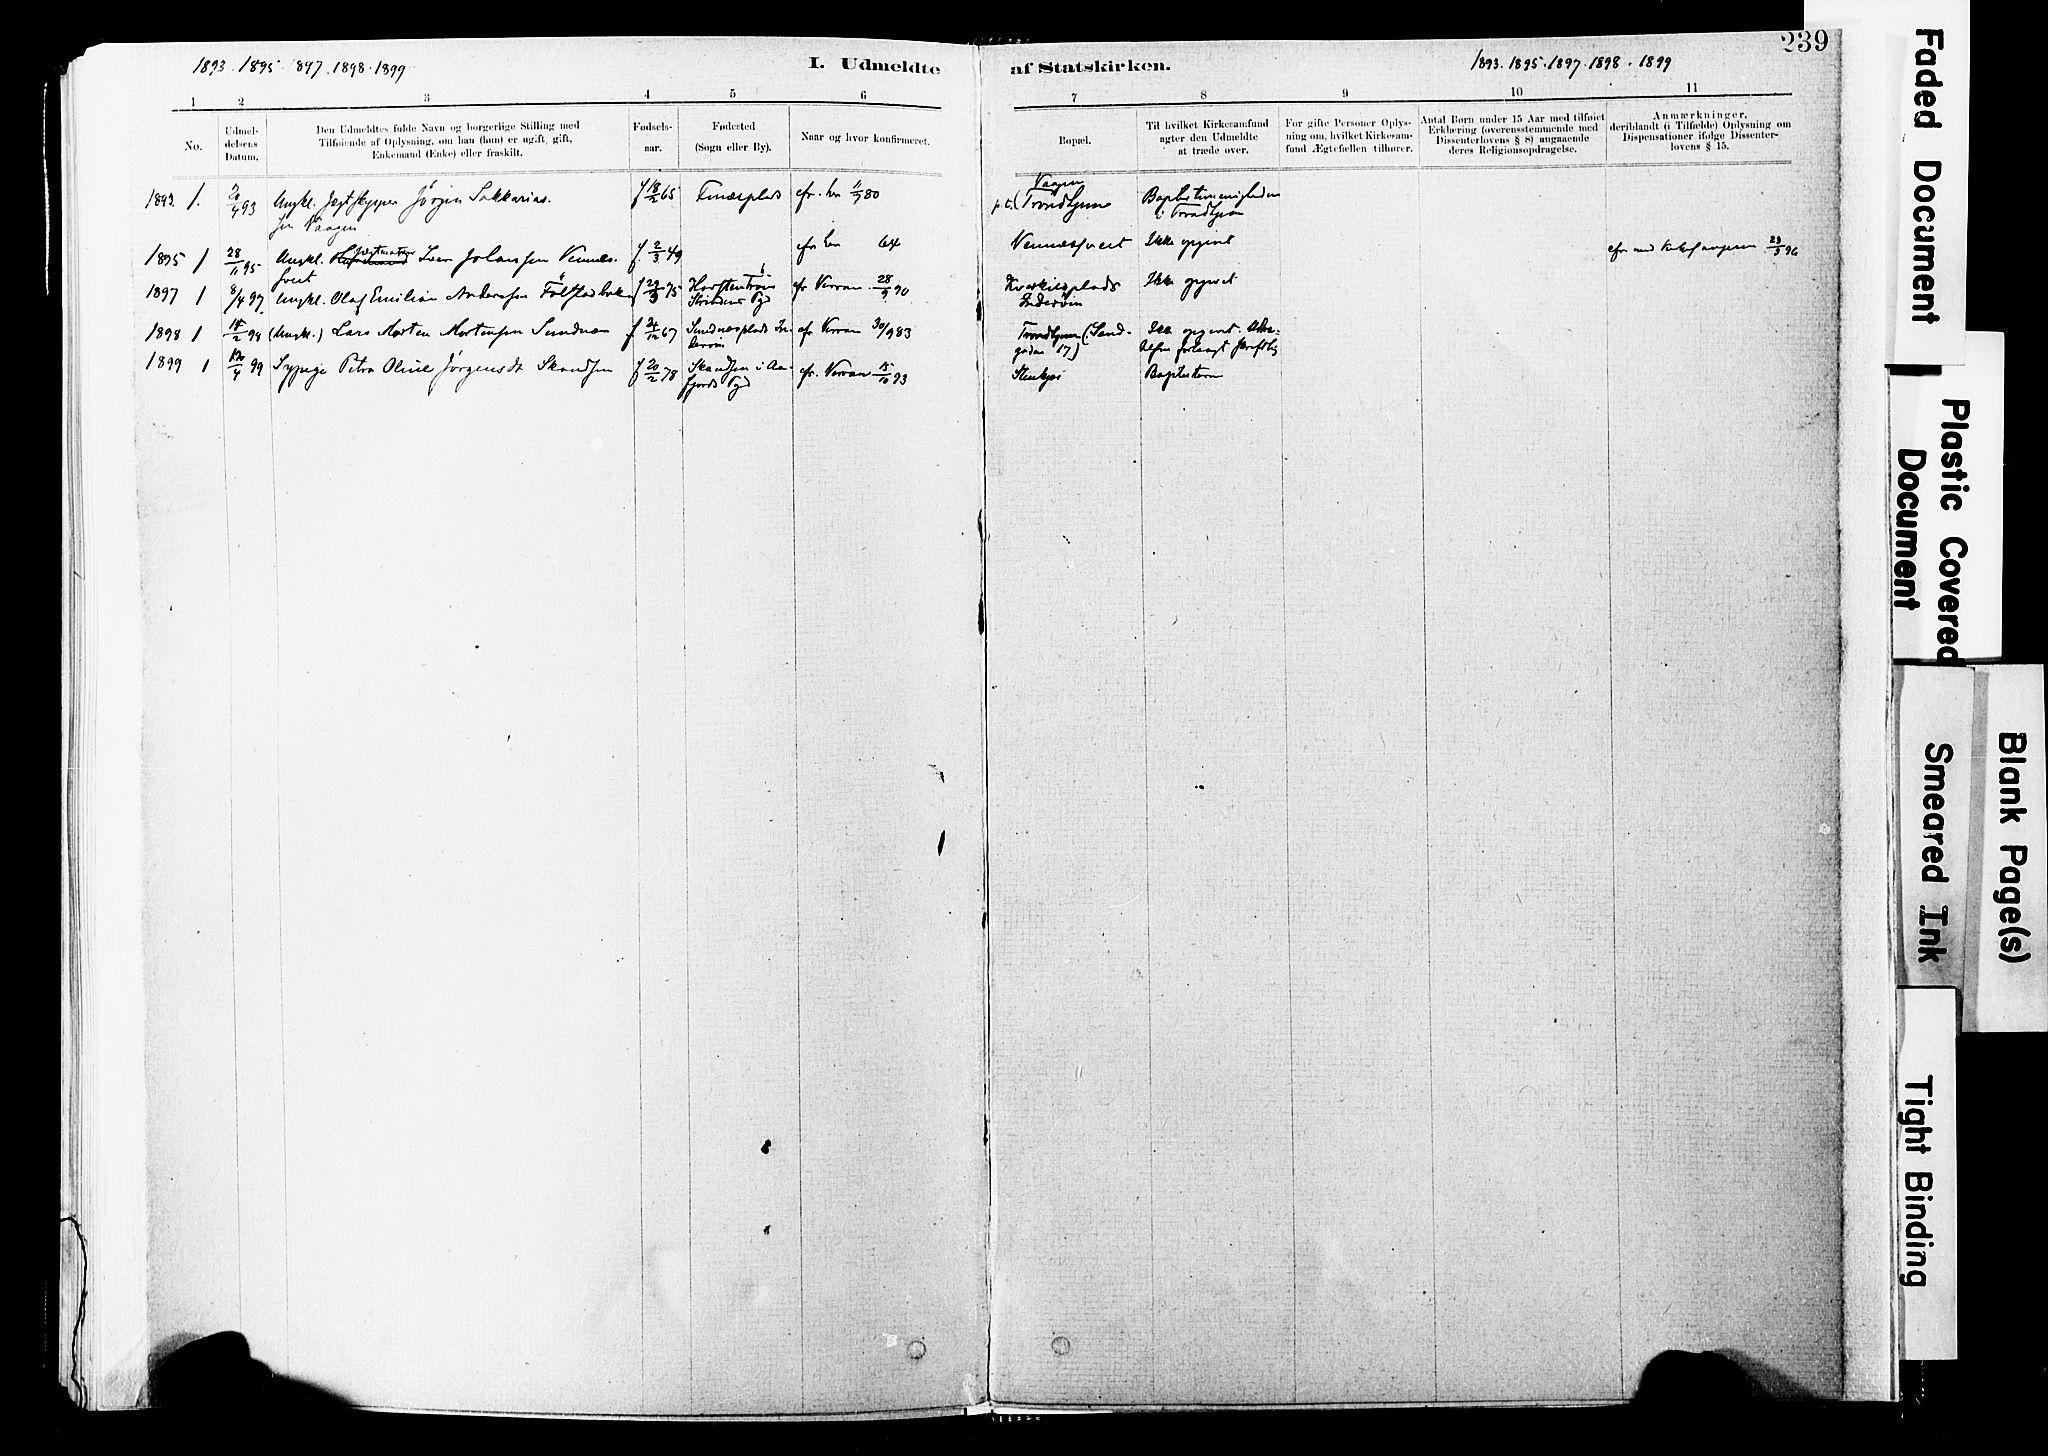 SAT, Ministerialprotokoller, klokkerbøker og fødselsregistre - Nord-Trøndelag, 744/L0420: Ministerialbok nr. 744A04, 1882-1904, s. 239